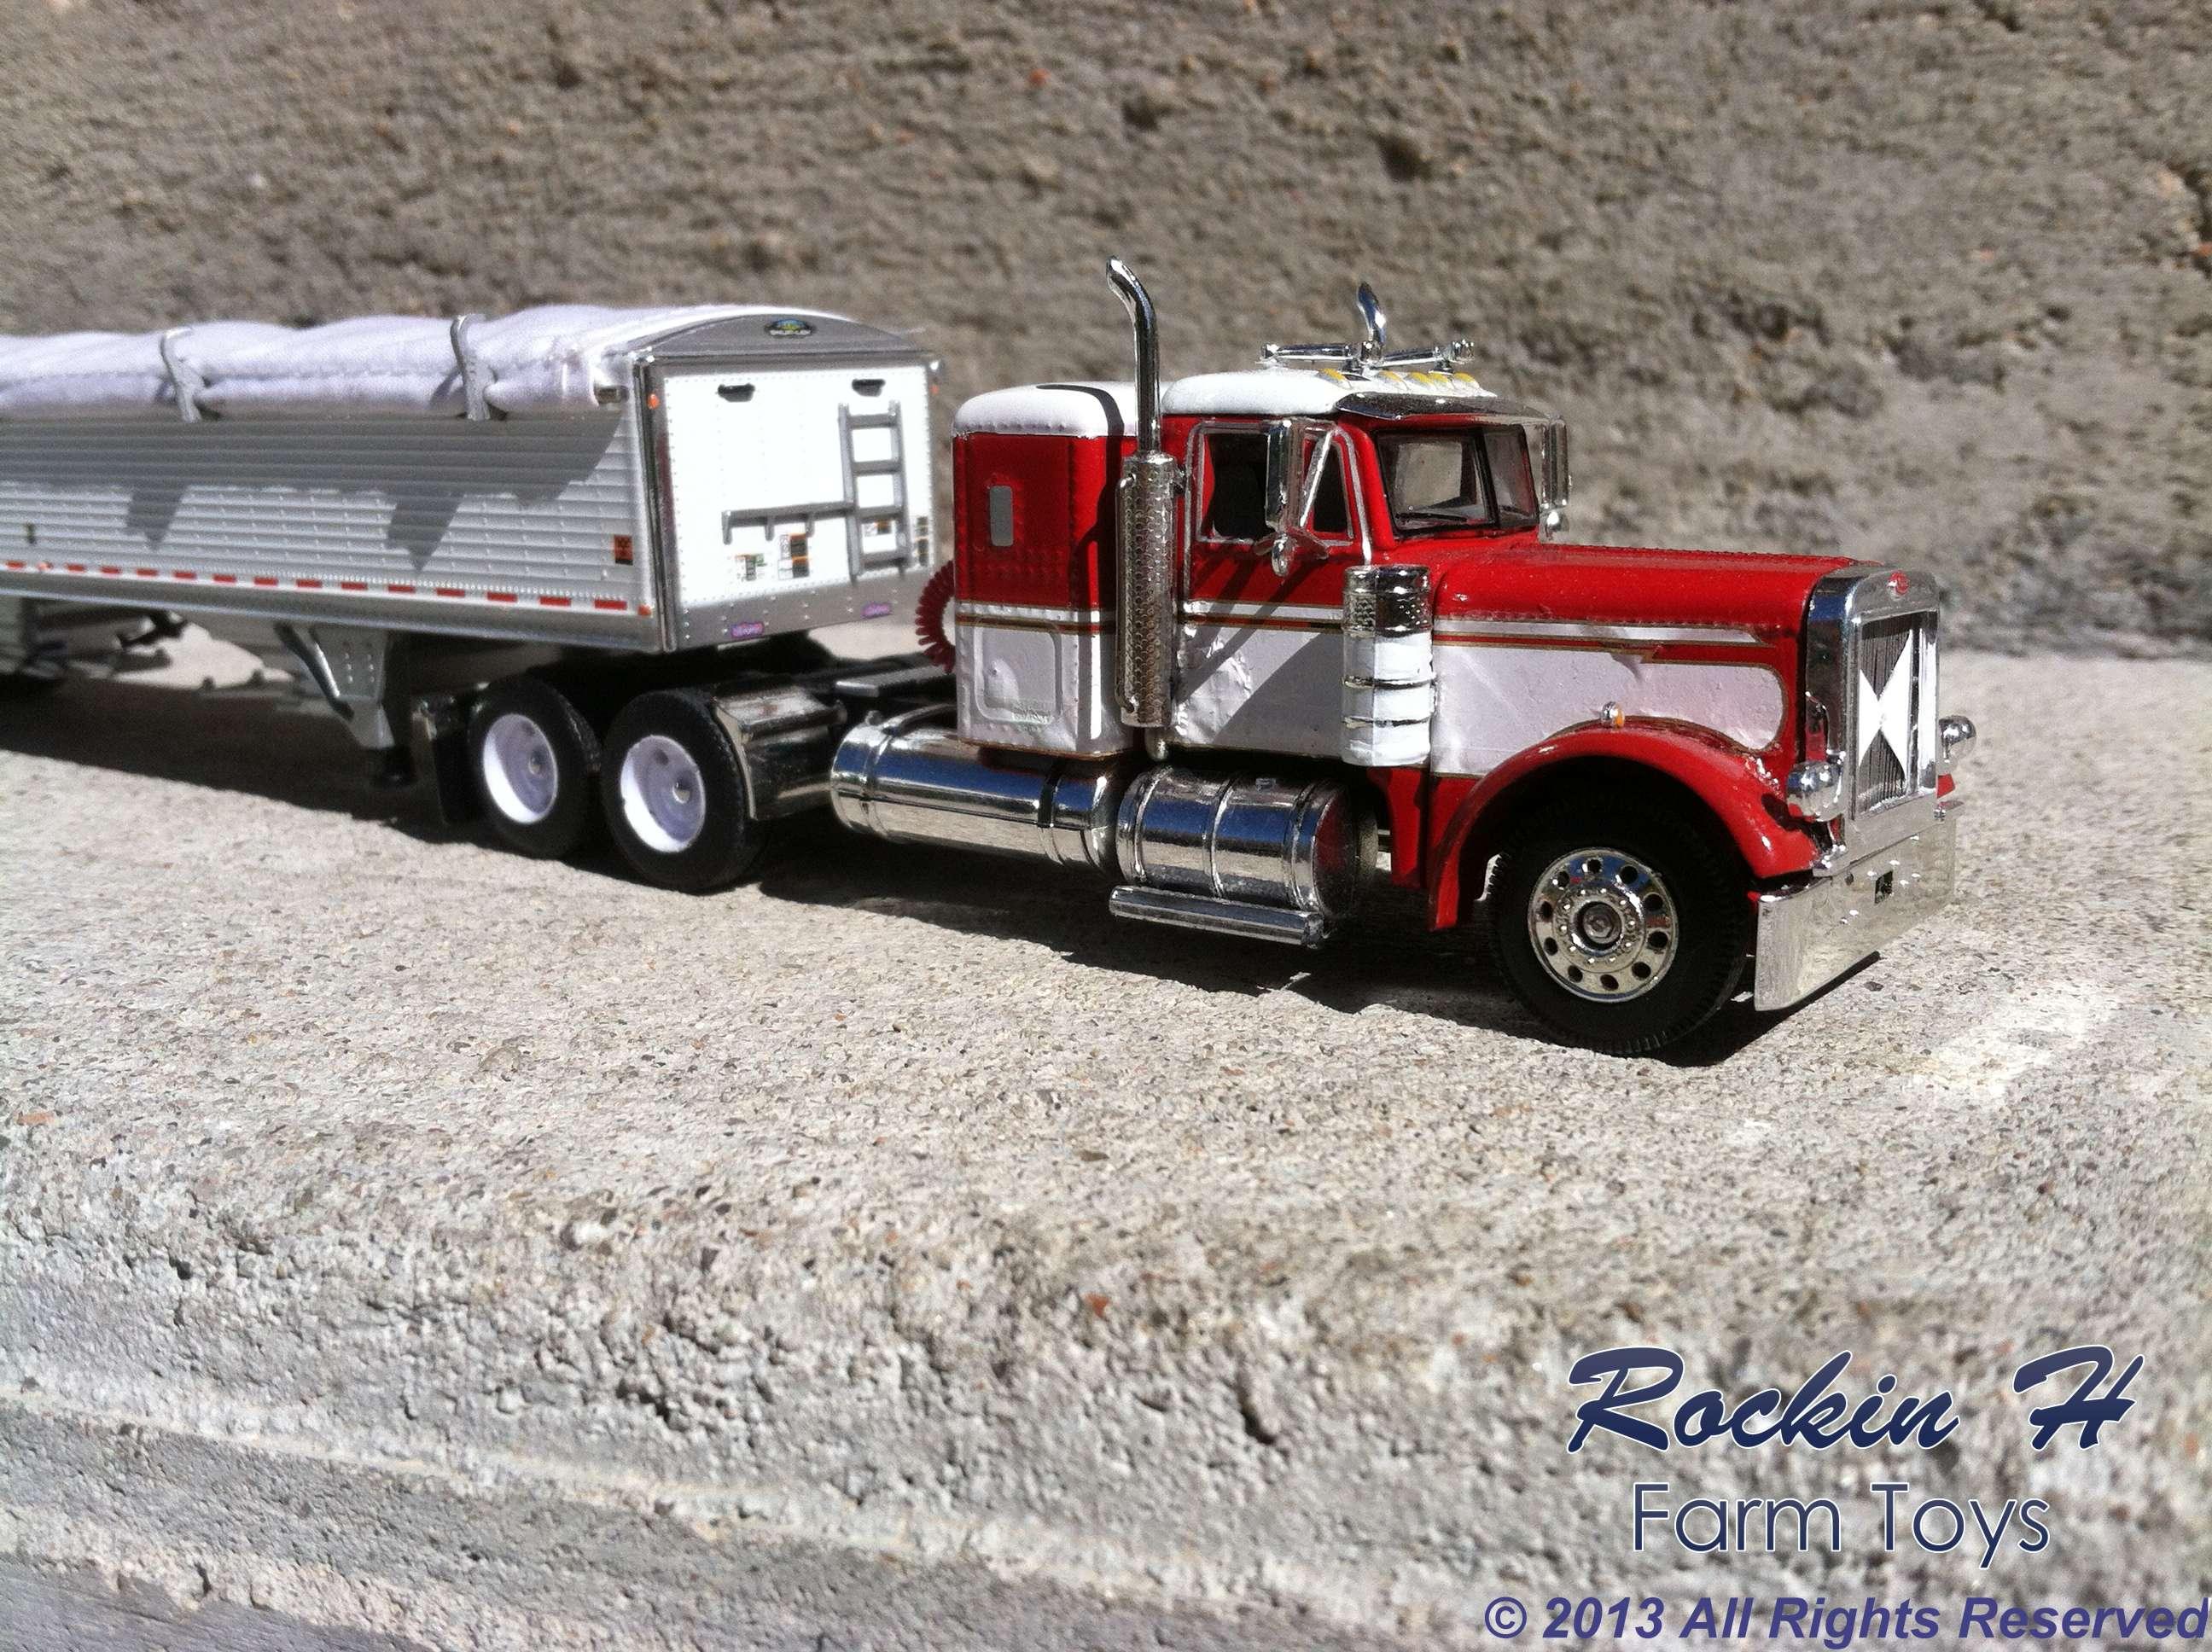 Zach's Truck